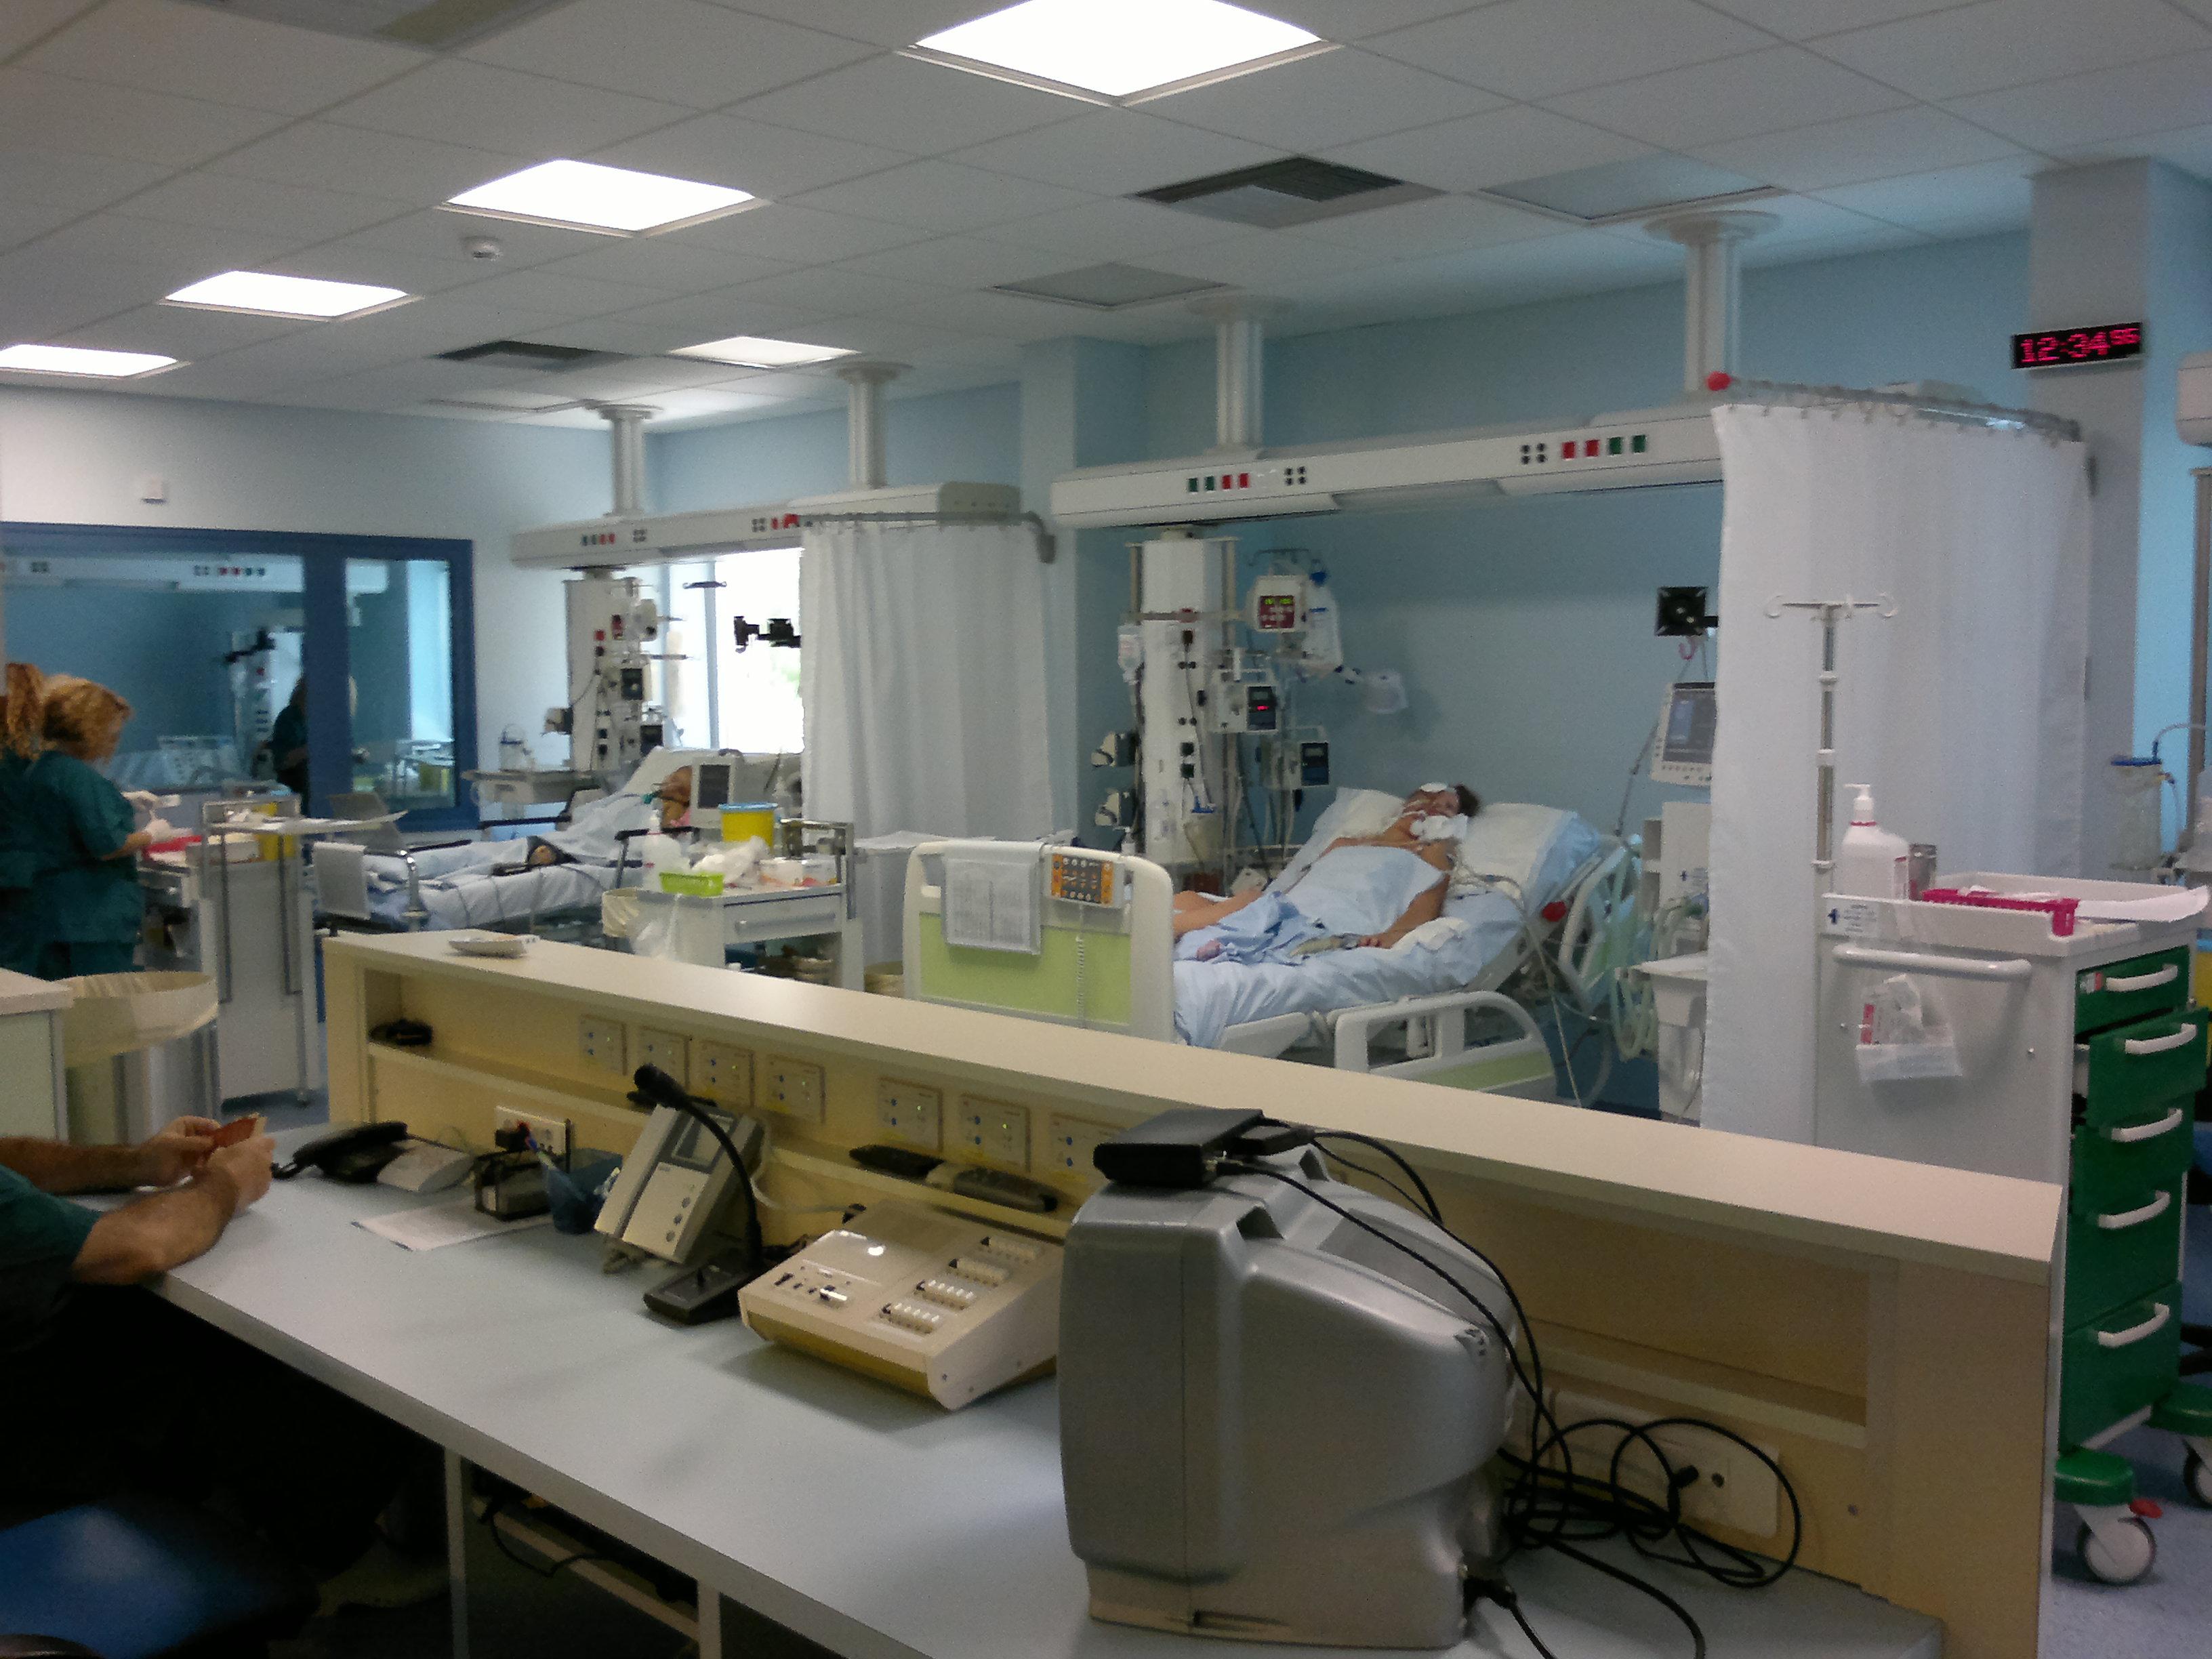 Μονάδα Εντατικής Θεραπειας Παιδιών Πανεπιστημιακού Νοσοκομείου Ηρακλείου Κρήτης